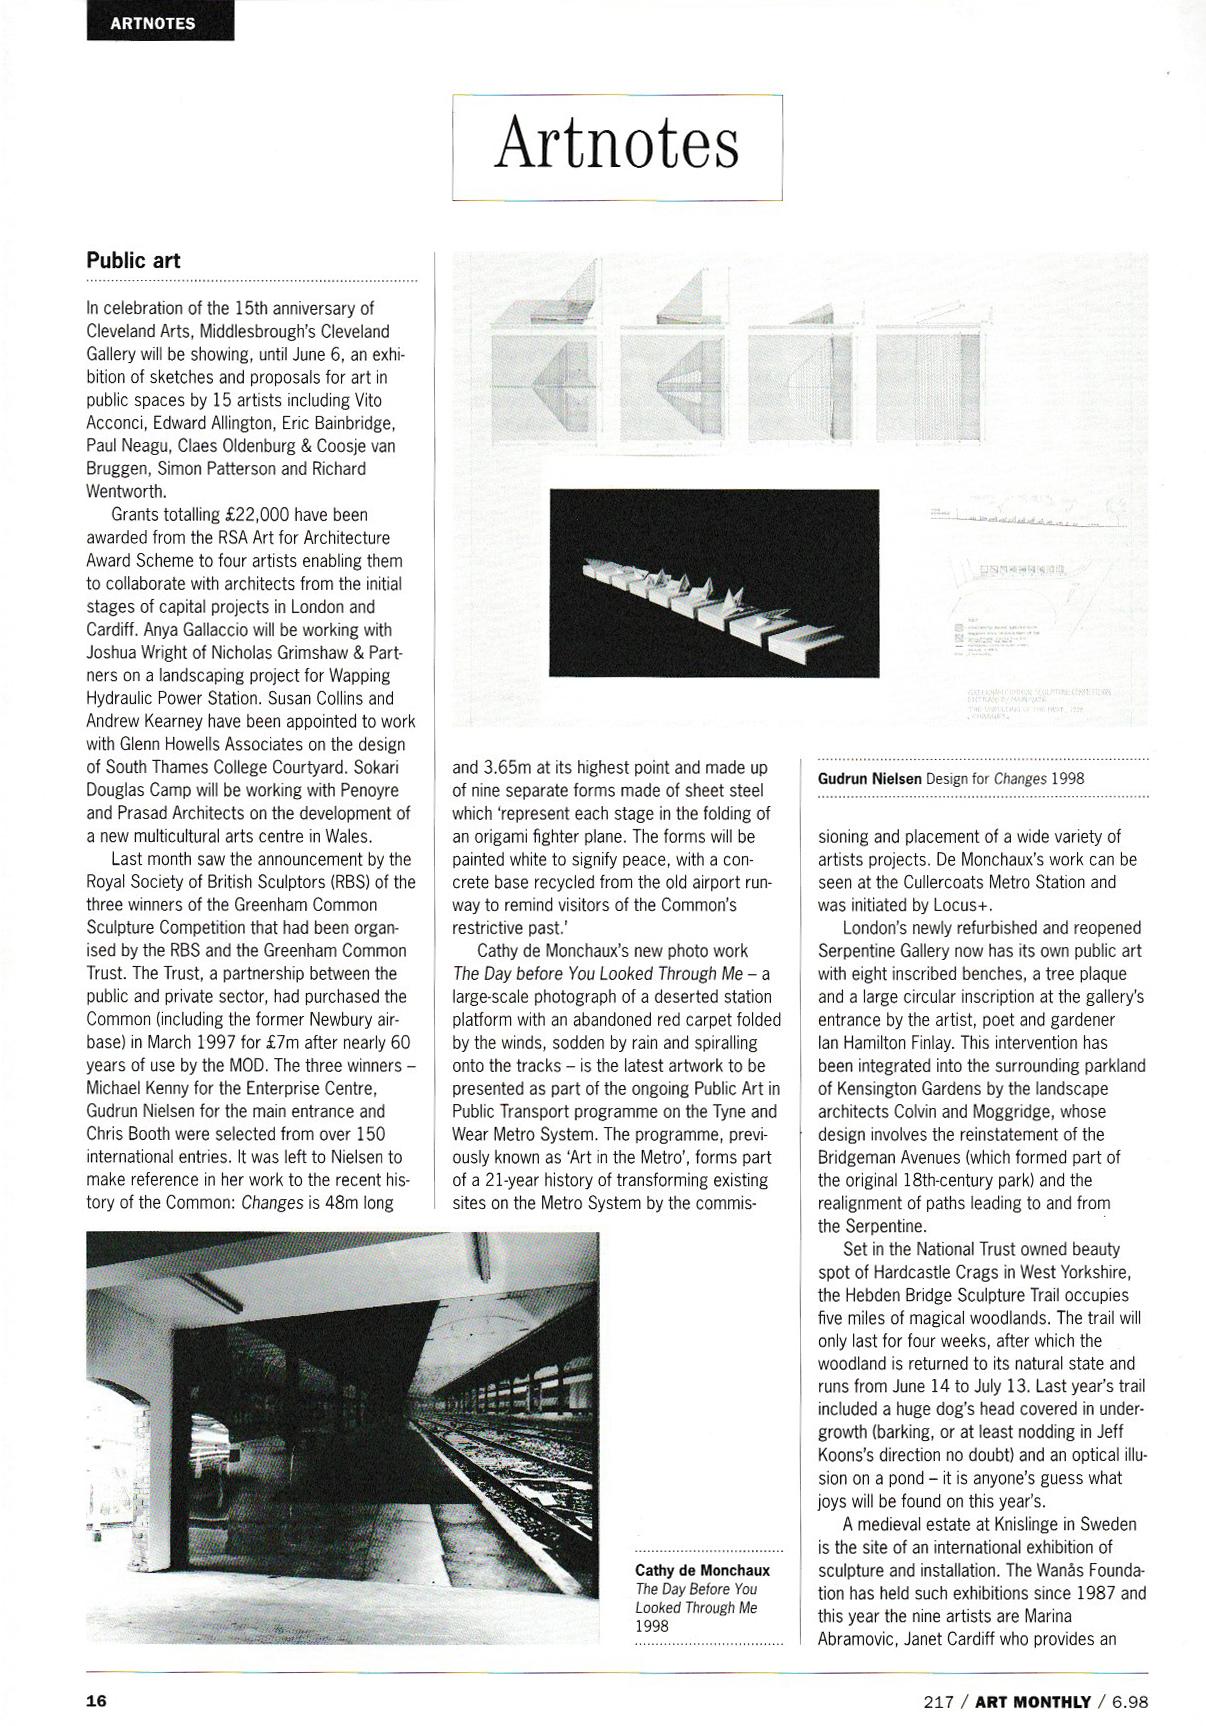 Art Monthly 1998.jpg c.jpg